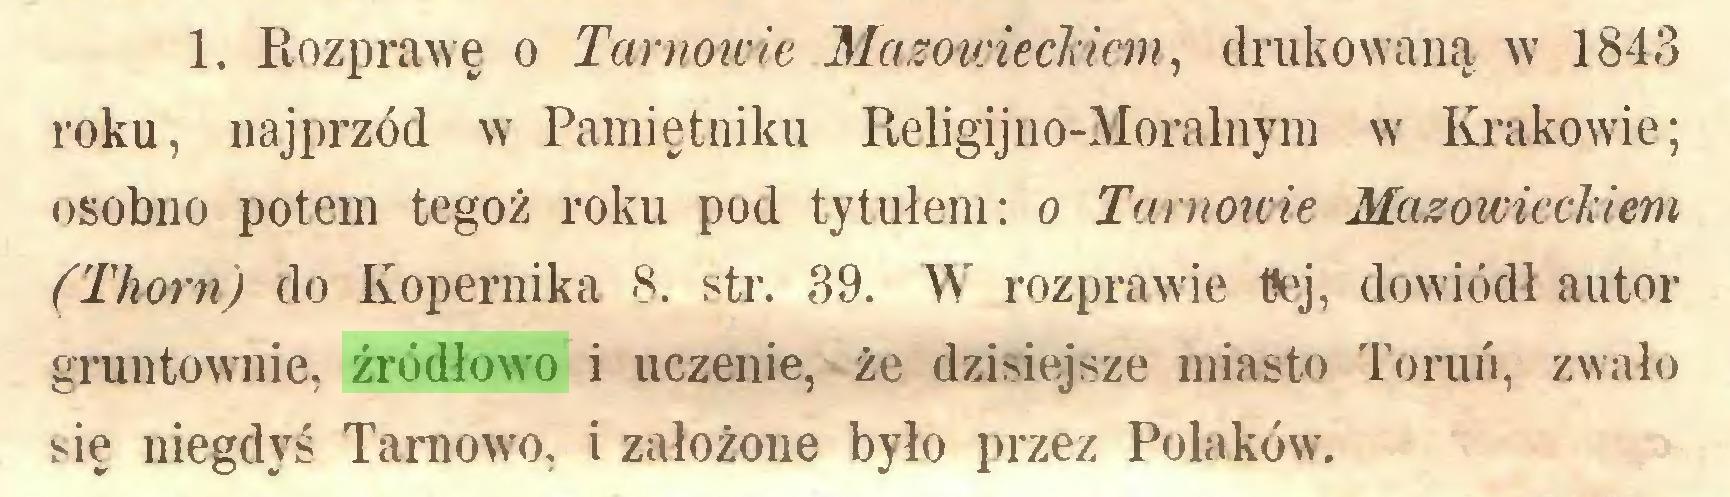 (...) 1. Rozprawę o Tarnowie, Mazowieckiem, drukowaną w 1843 roku, najprzód w Pamiętniku Religijno-Moralnym w Krakowie; osobno potem tegoż roku pod tytułem: o Tarnowie Mazowieckiem (Thorn) do Kopernika 8. str. 39. W rozprawie tlej, dowiódł autor gruntownie, źródłowo i uczenie, że dzisiejsze miasto Toruń, zwało się niegdyś Tarnowo, i założone było przez Polaków...